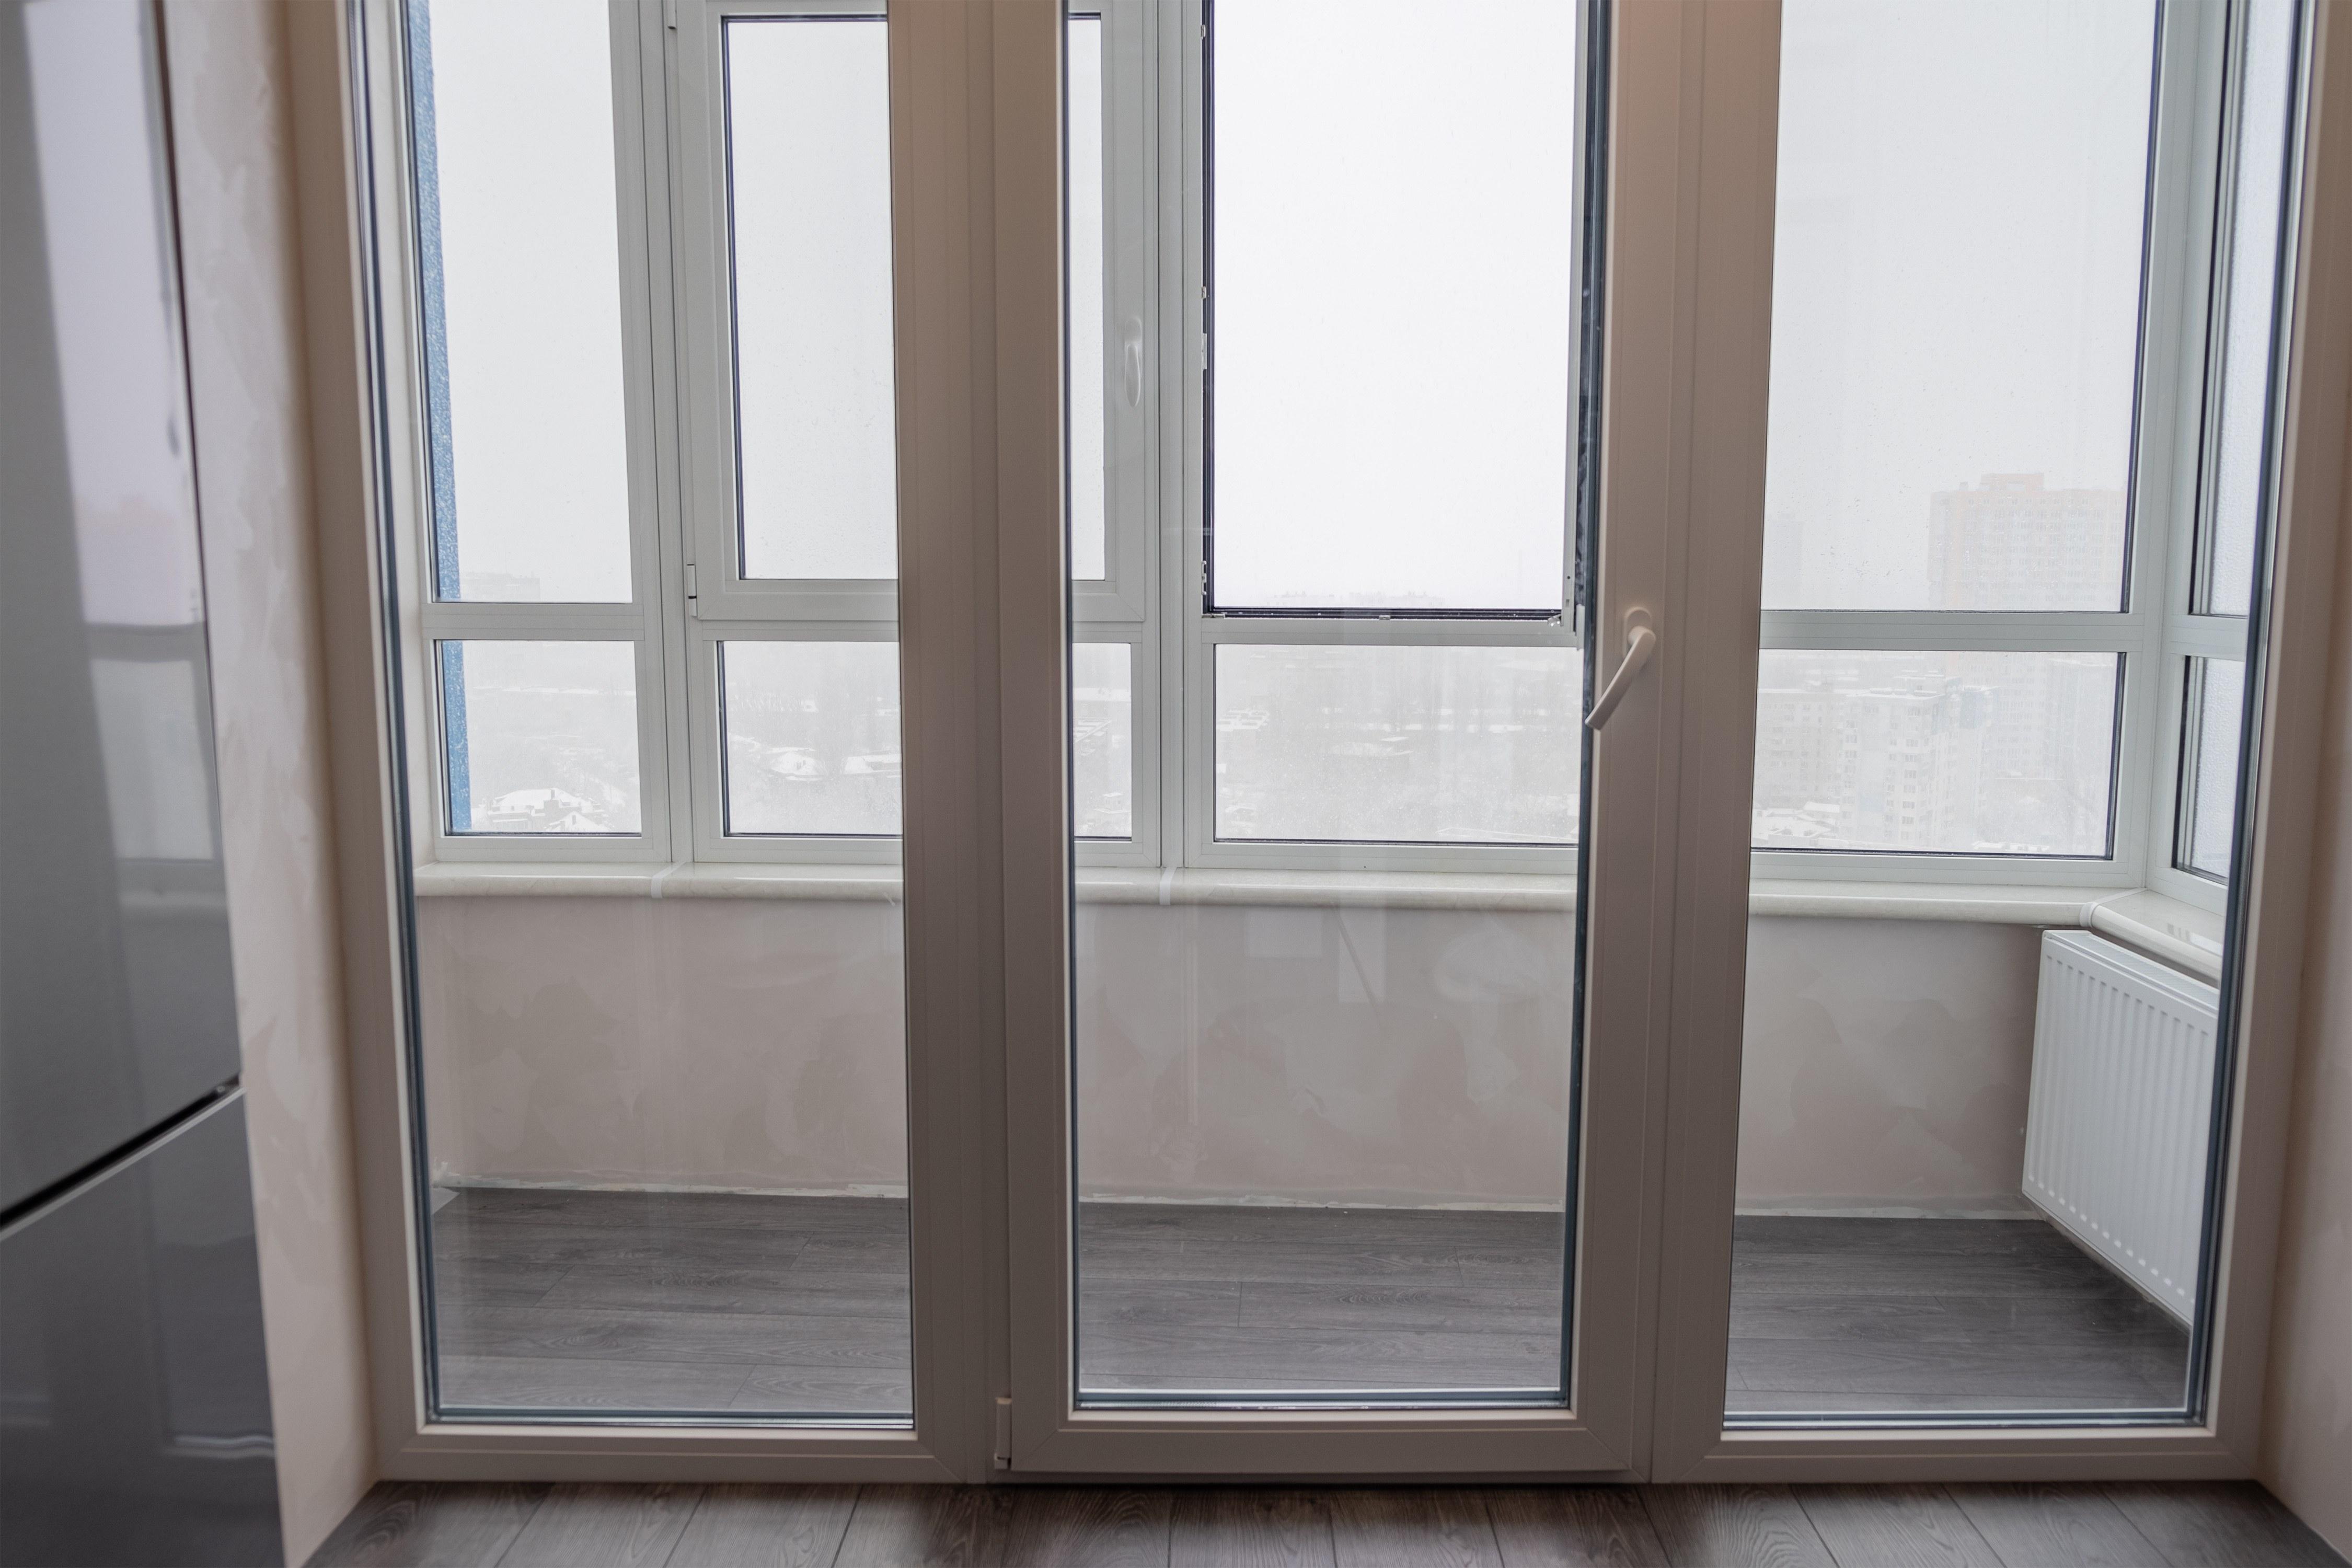 Балкон после ремонта квартиры в Одессе 4 сезона